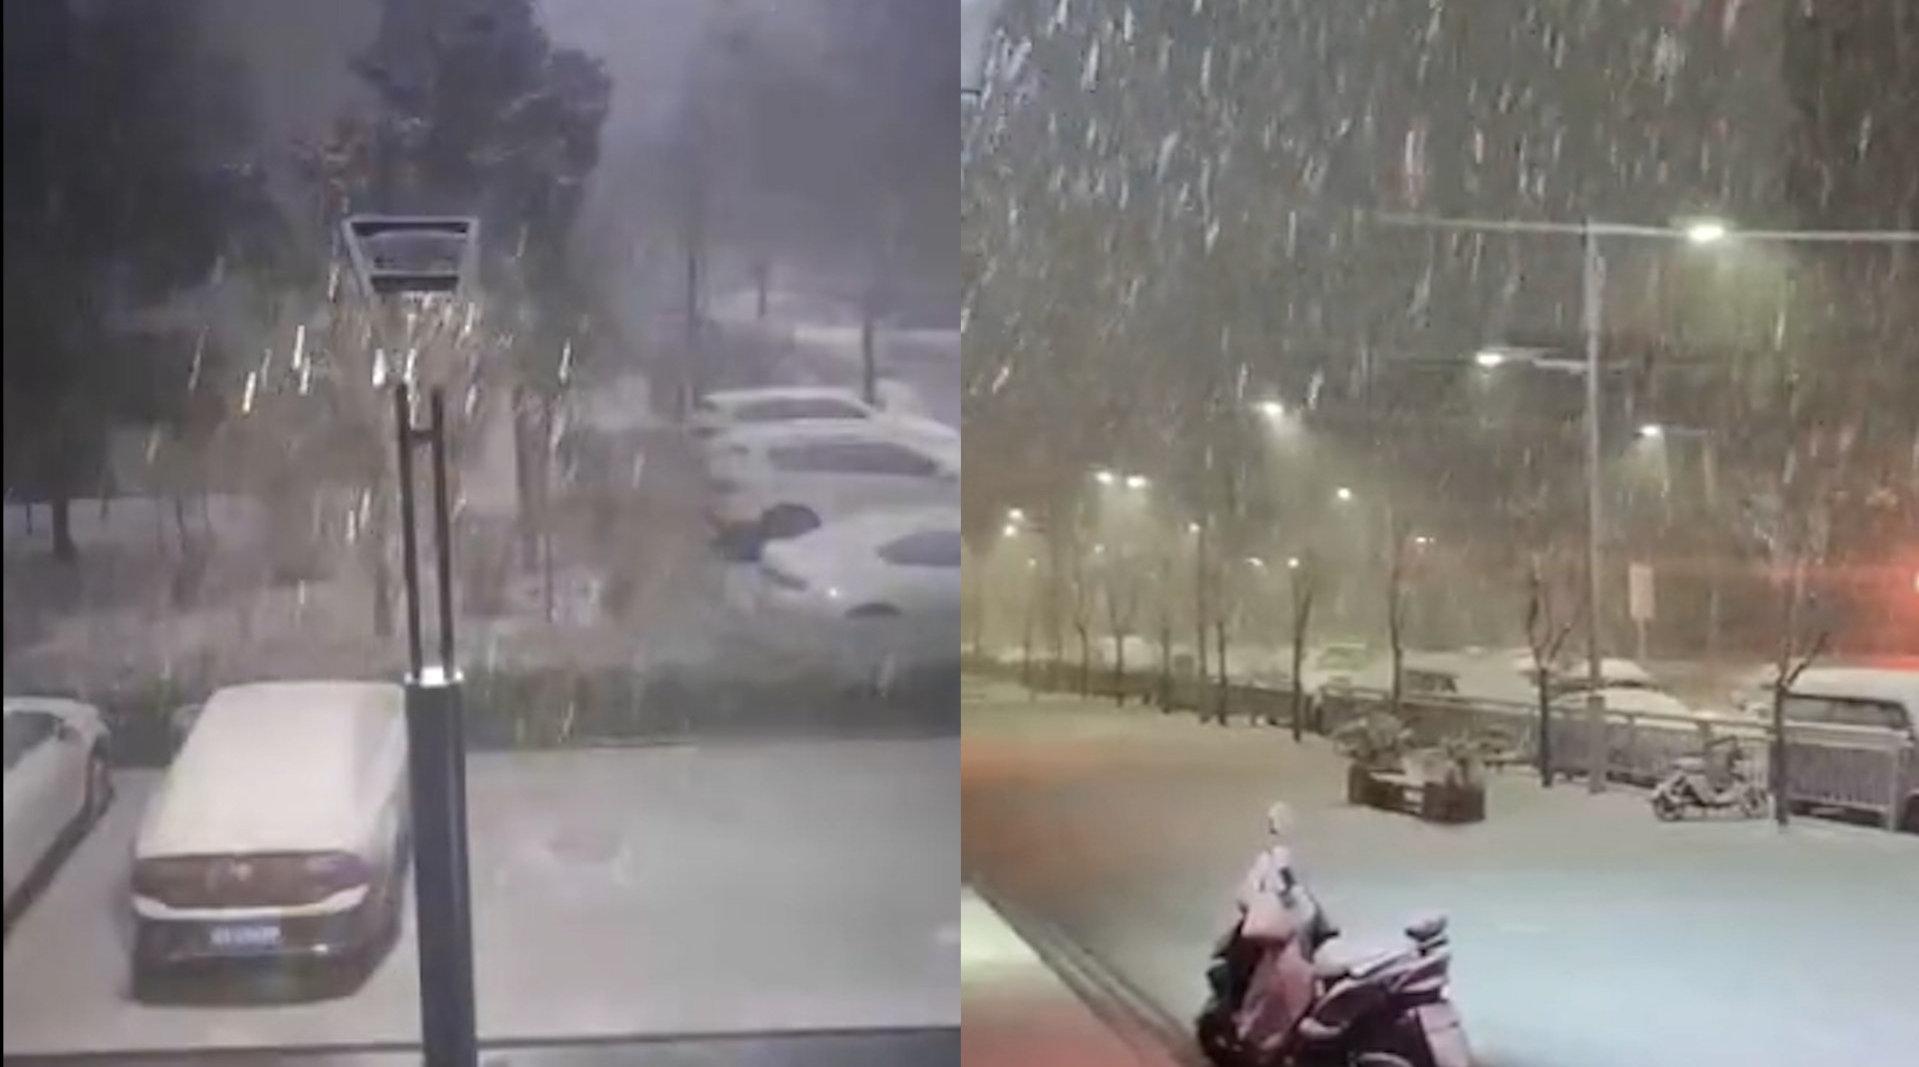 河南郑州出现打雷下雪气象,气象局简单粗暴版解释令人喷饭